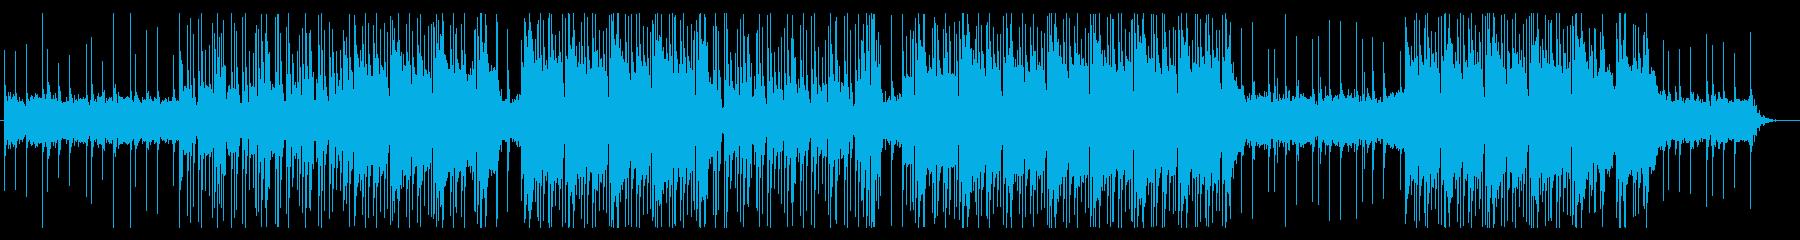 暗い雰囲気のビート/トラップの再生済みの波形